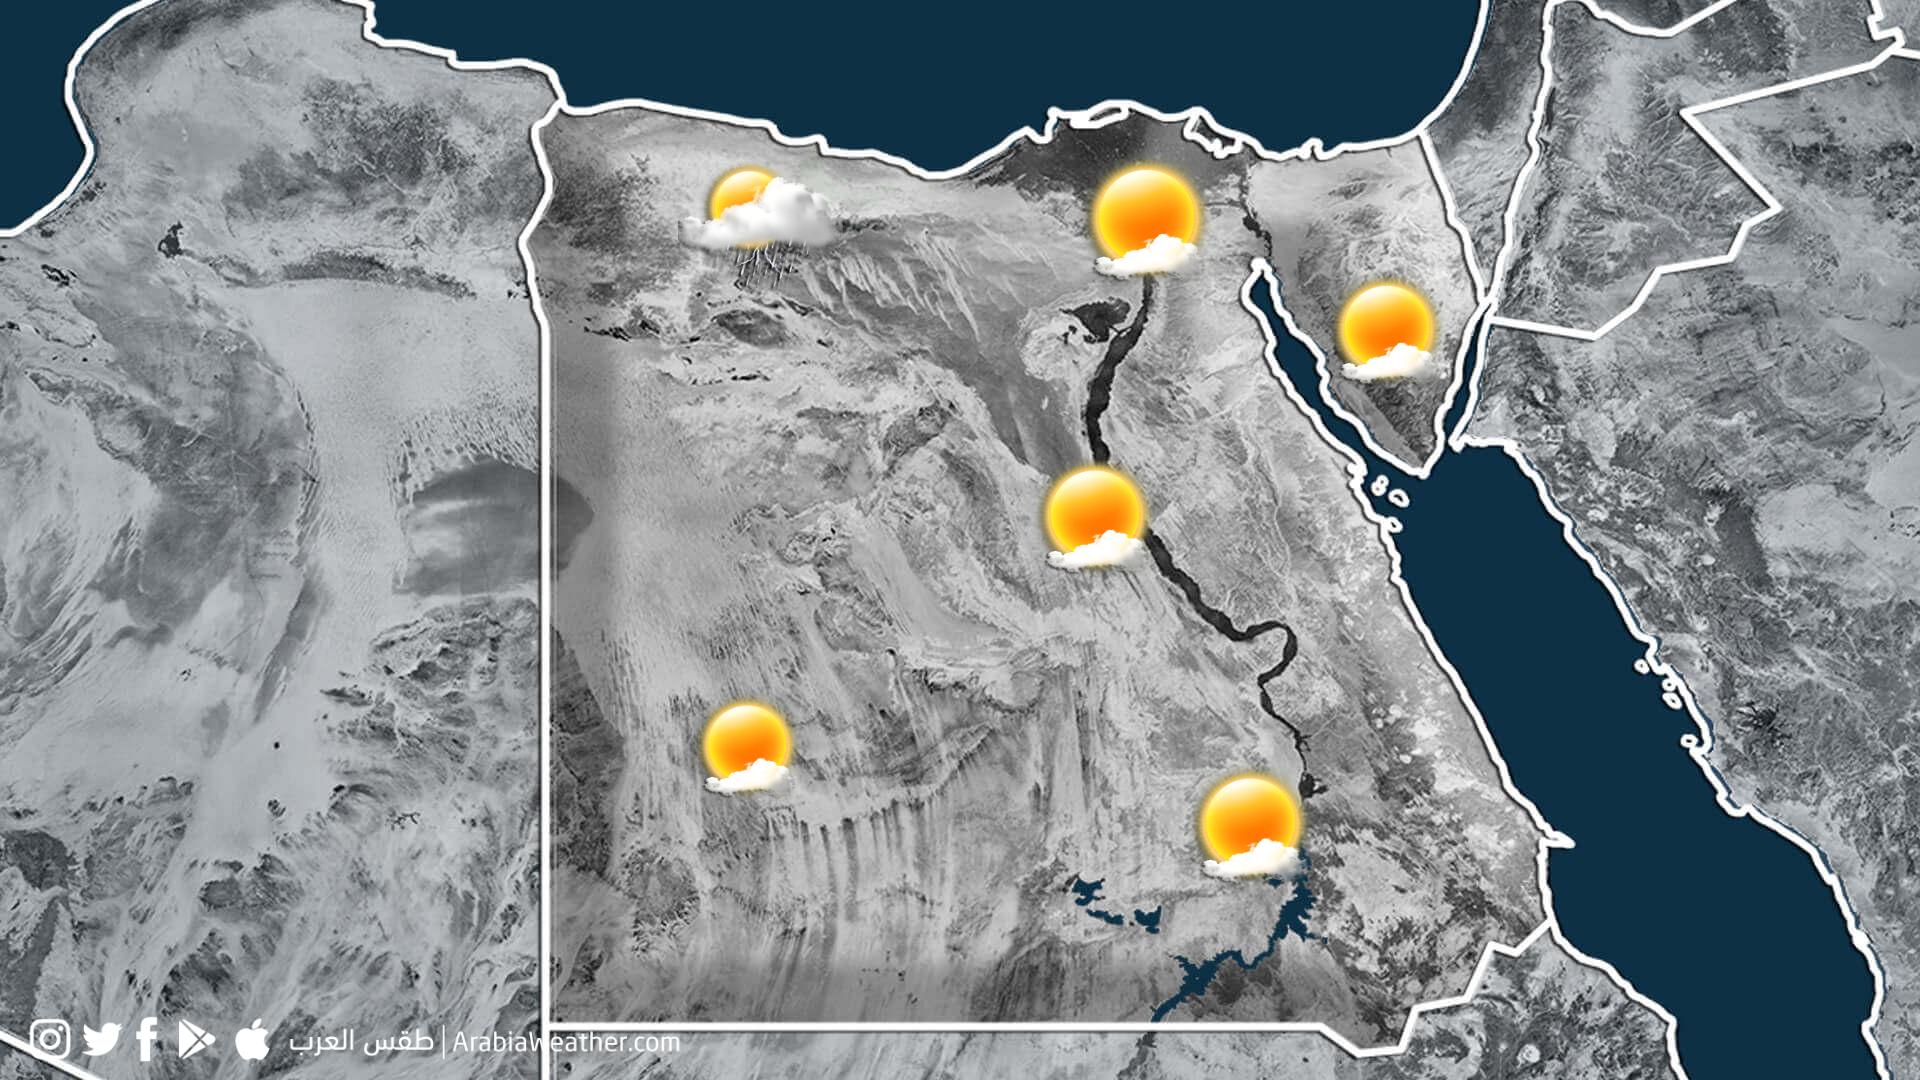 مصر   منخفض جوي خماسيني السبت و فرصة لأمطار شمال غرب البلاد   طقس العرب